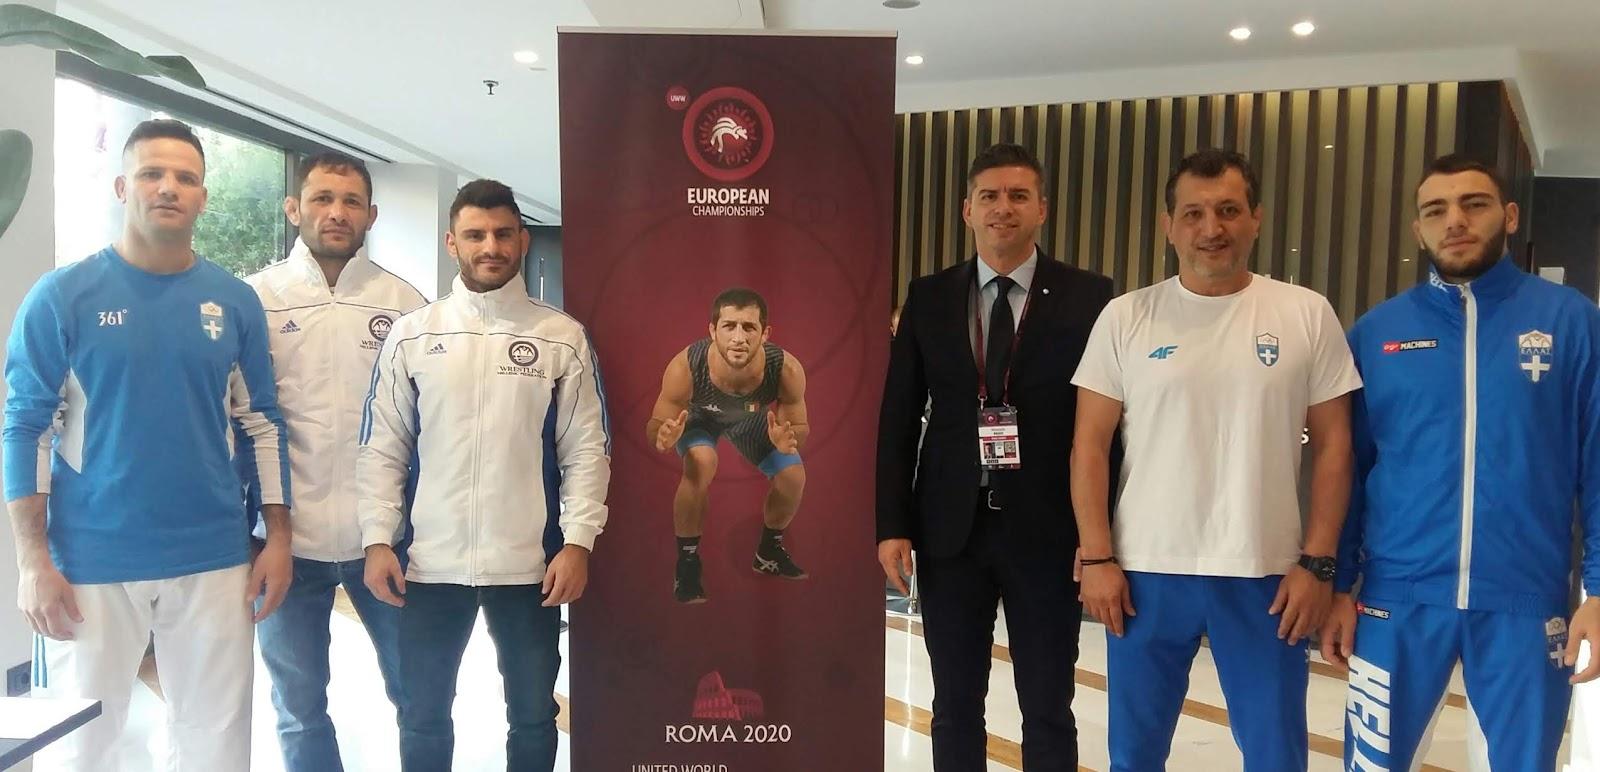 Αρχηγός τη Εθνικής Ομάδας Πάλης στο Ευρωπαϊκό Πρωτάθλημα ο Θανάσης Παιδής